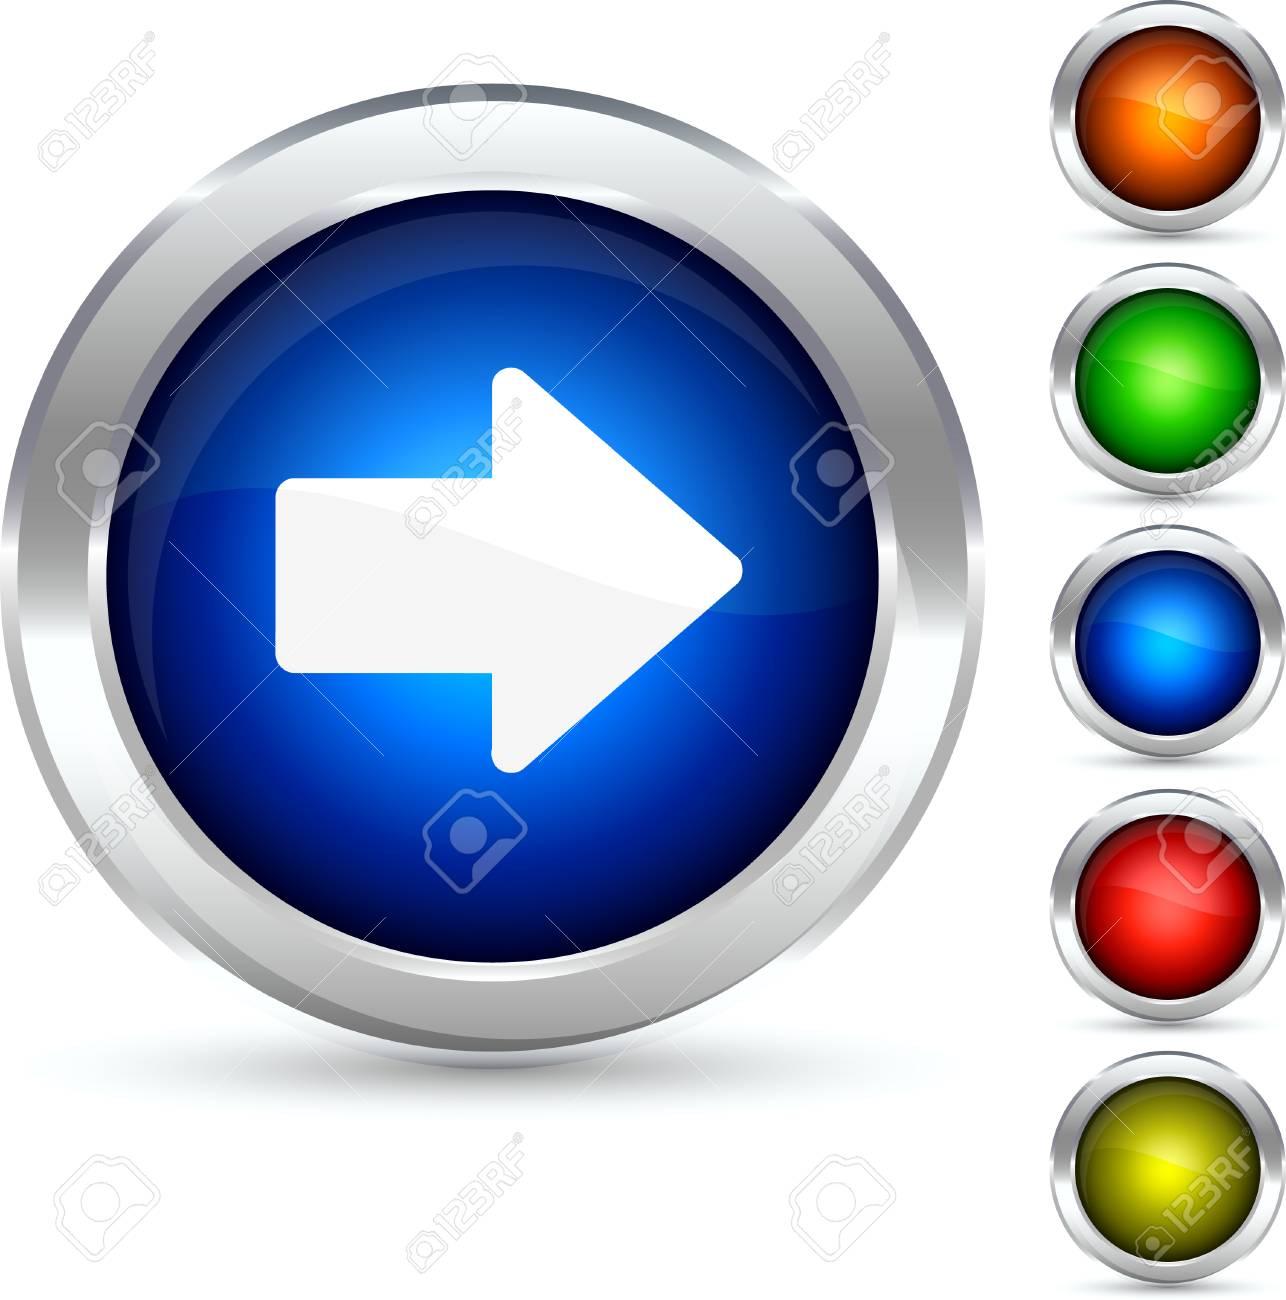 Arrow detailed button. Vector illustration. Stock Vector - 5298553